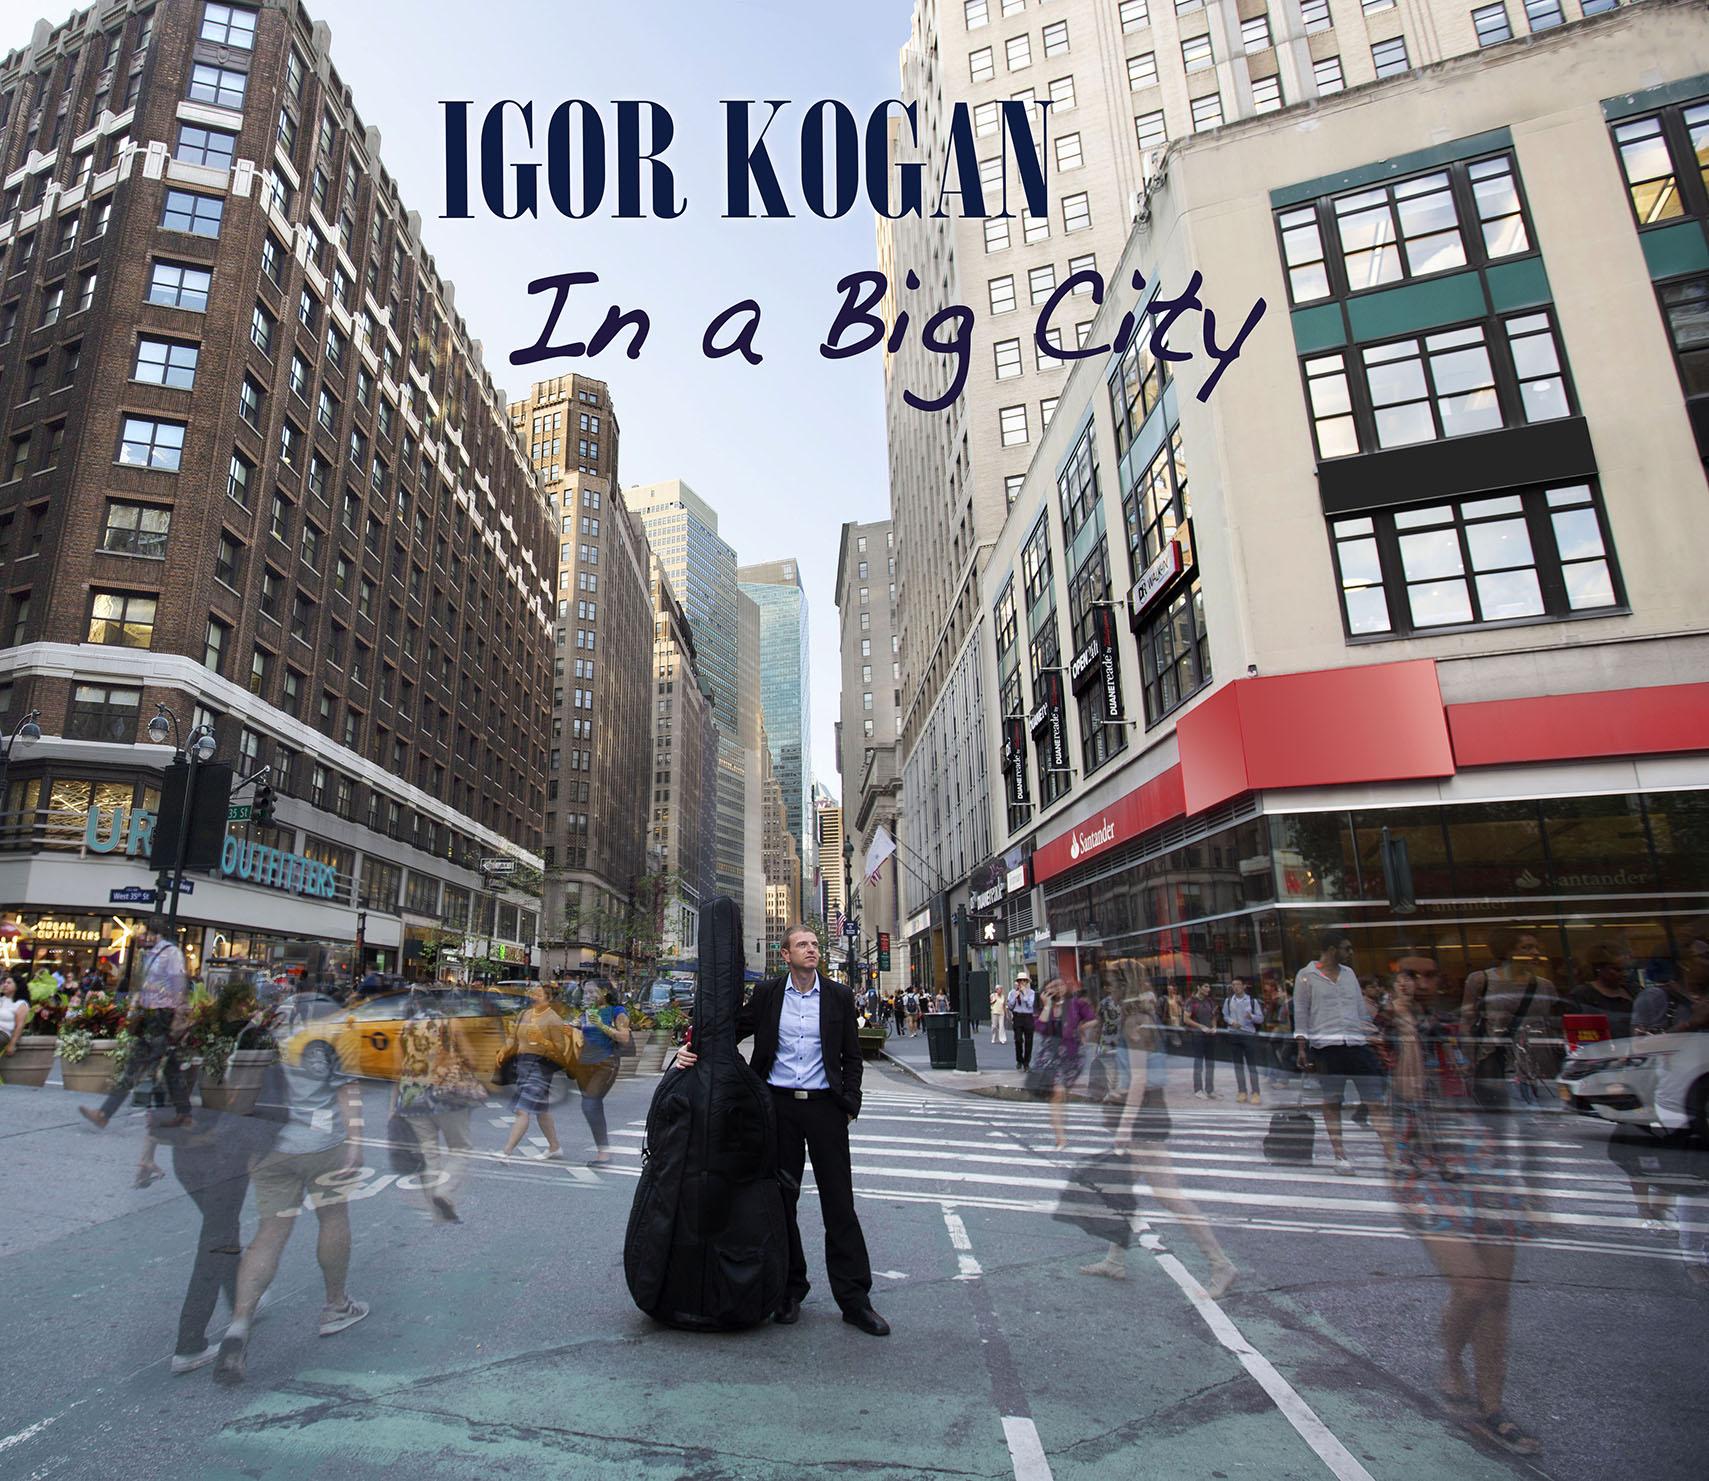 Igor Kogan - Album Release